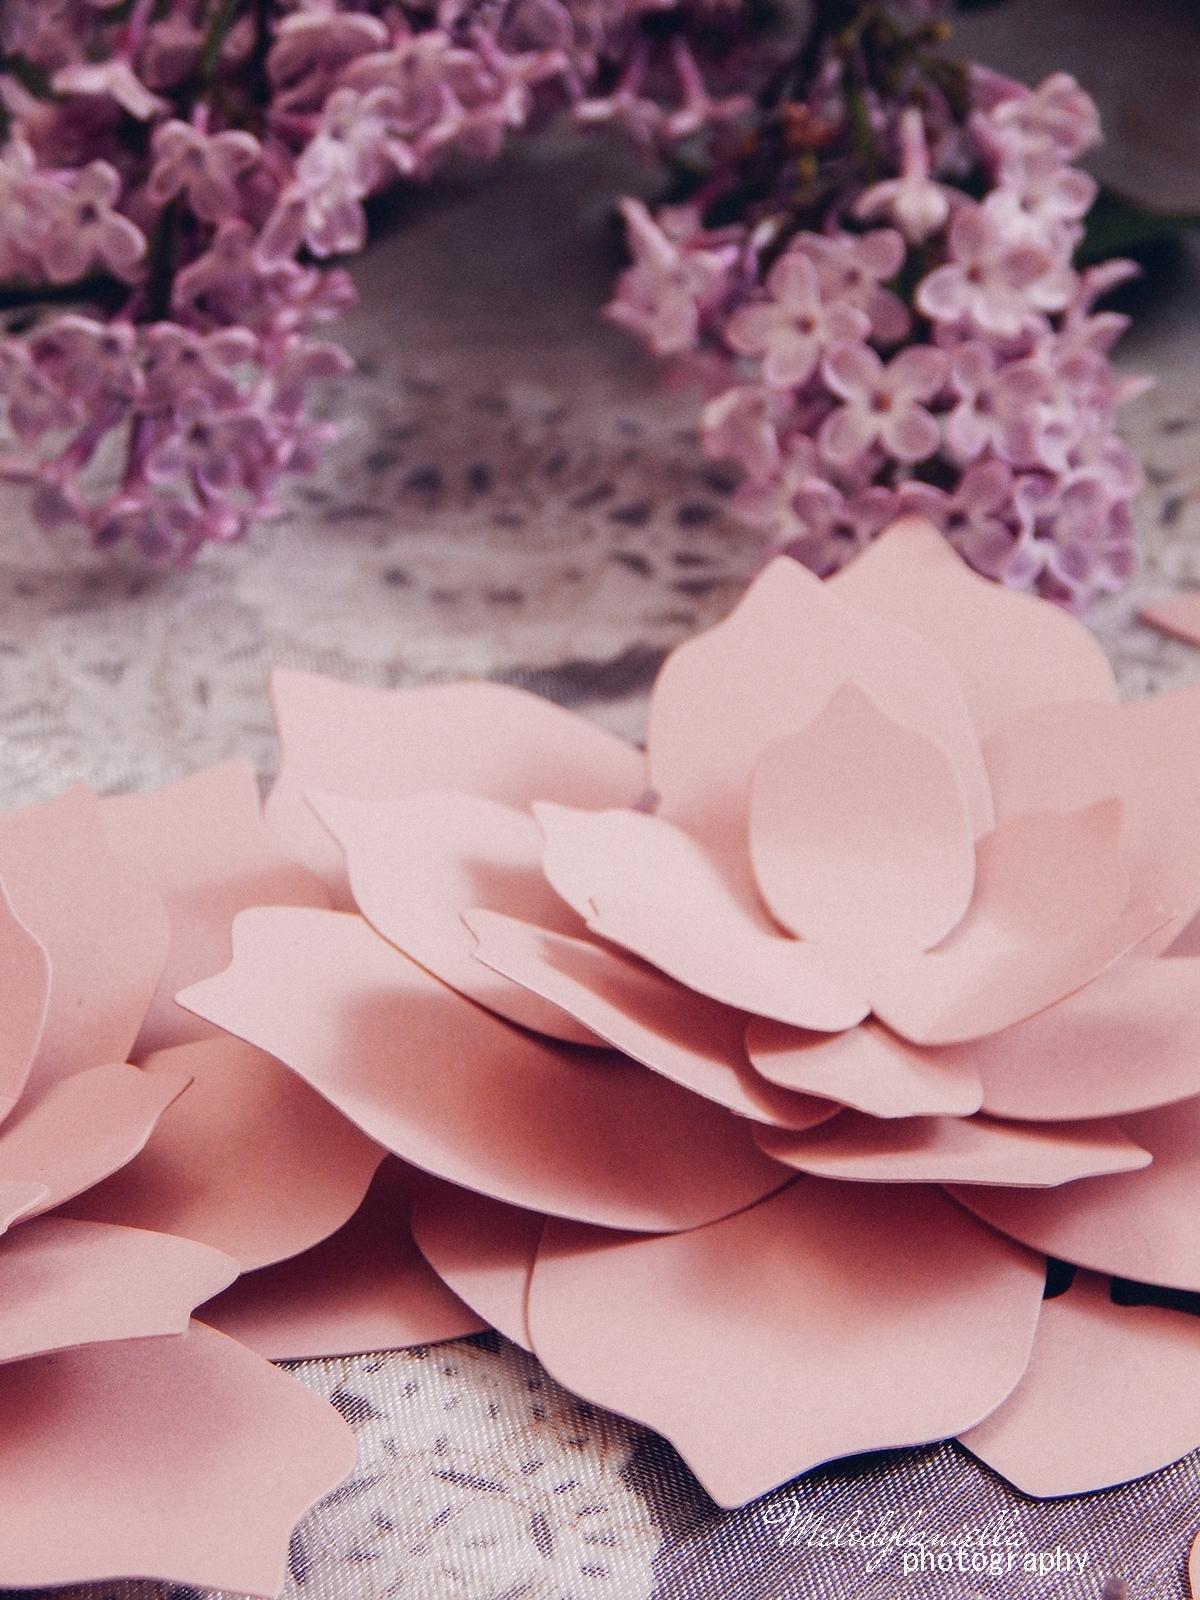 11 partybox.pl imprezu urodziny stroje dodatki na imprezę dekoracje nakrycia akcesoria imprezowe jak udekorować stół na dzień mamy pomysły na dzień matki papierowe kwiaty